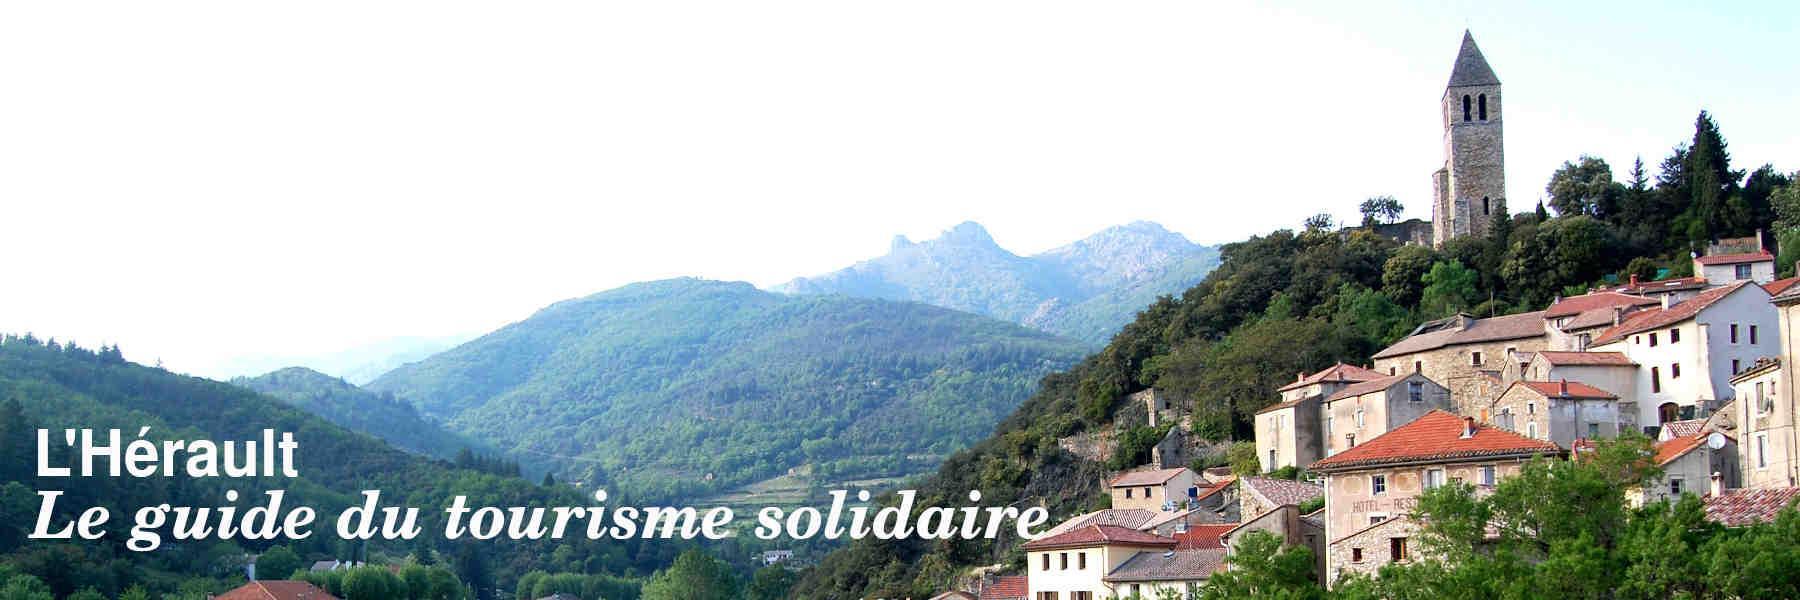 Le guide du tourisme solidaire de l'Hérault